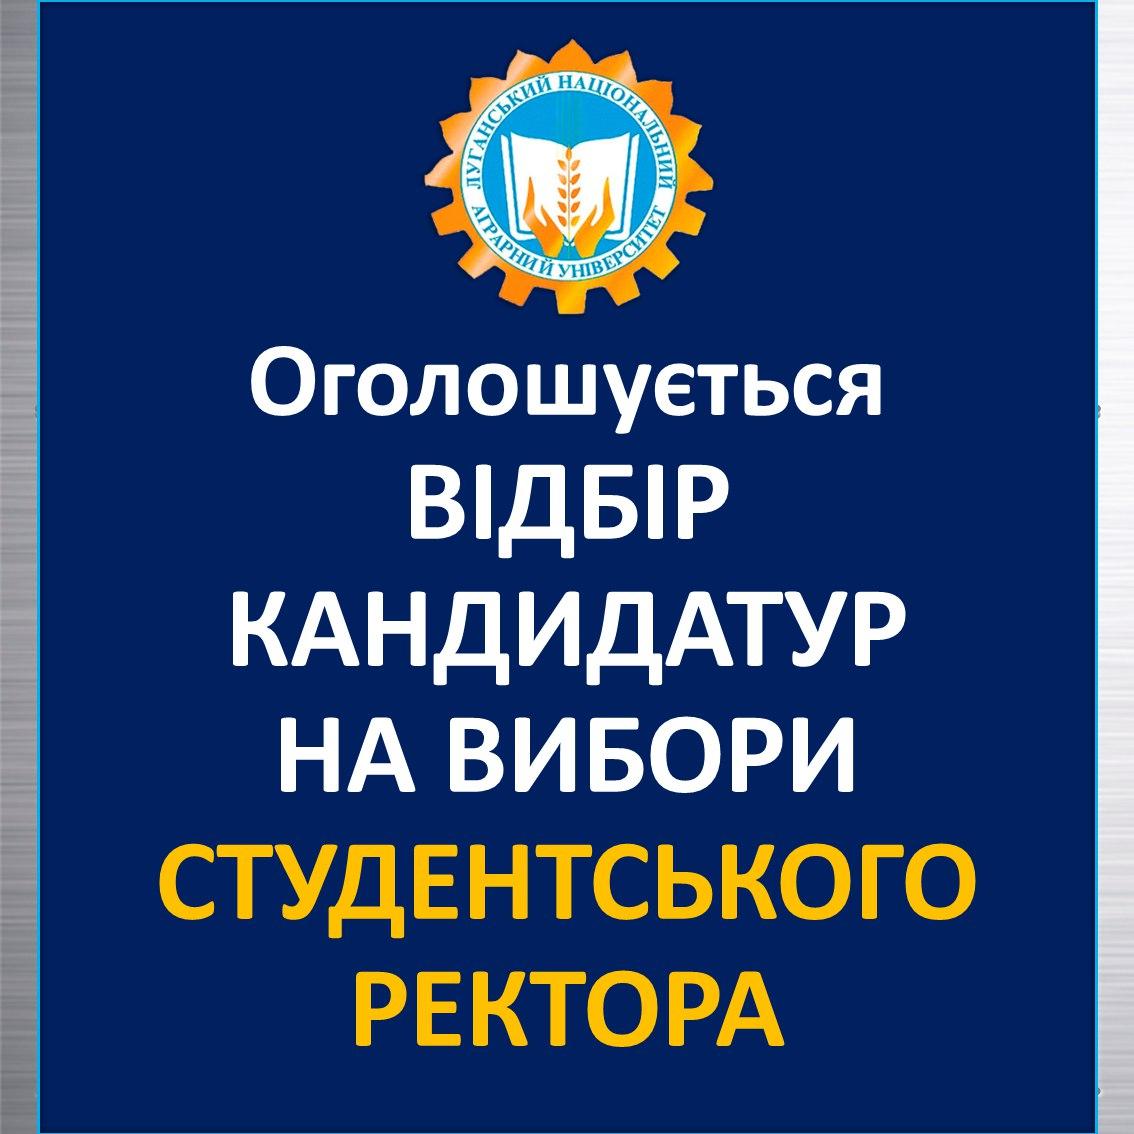 Оголошується відбір кандидатур на посаду студентського ректора ЛНАУ!